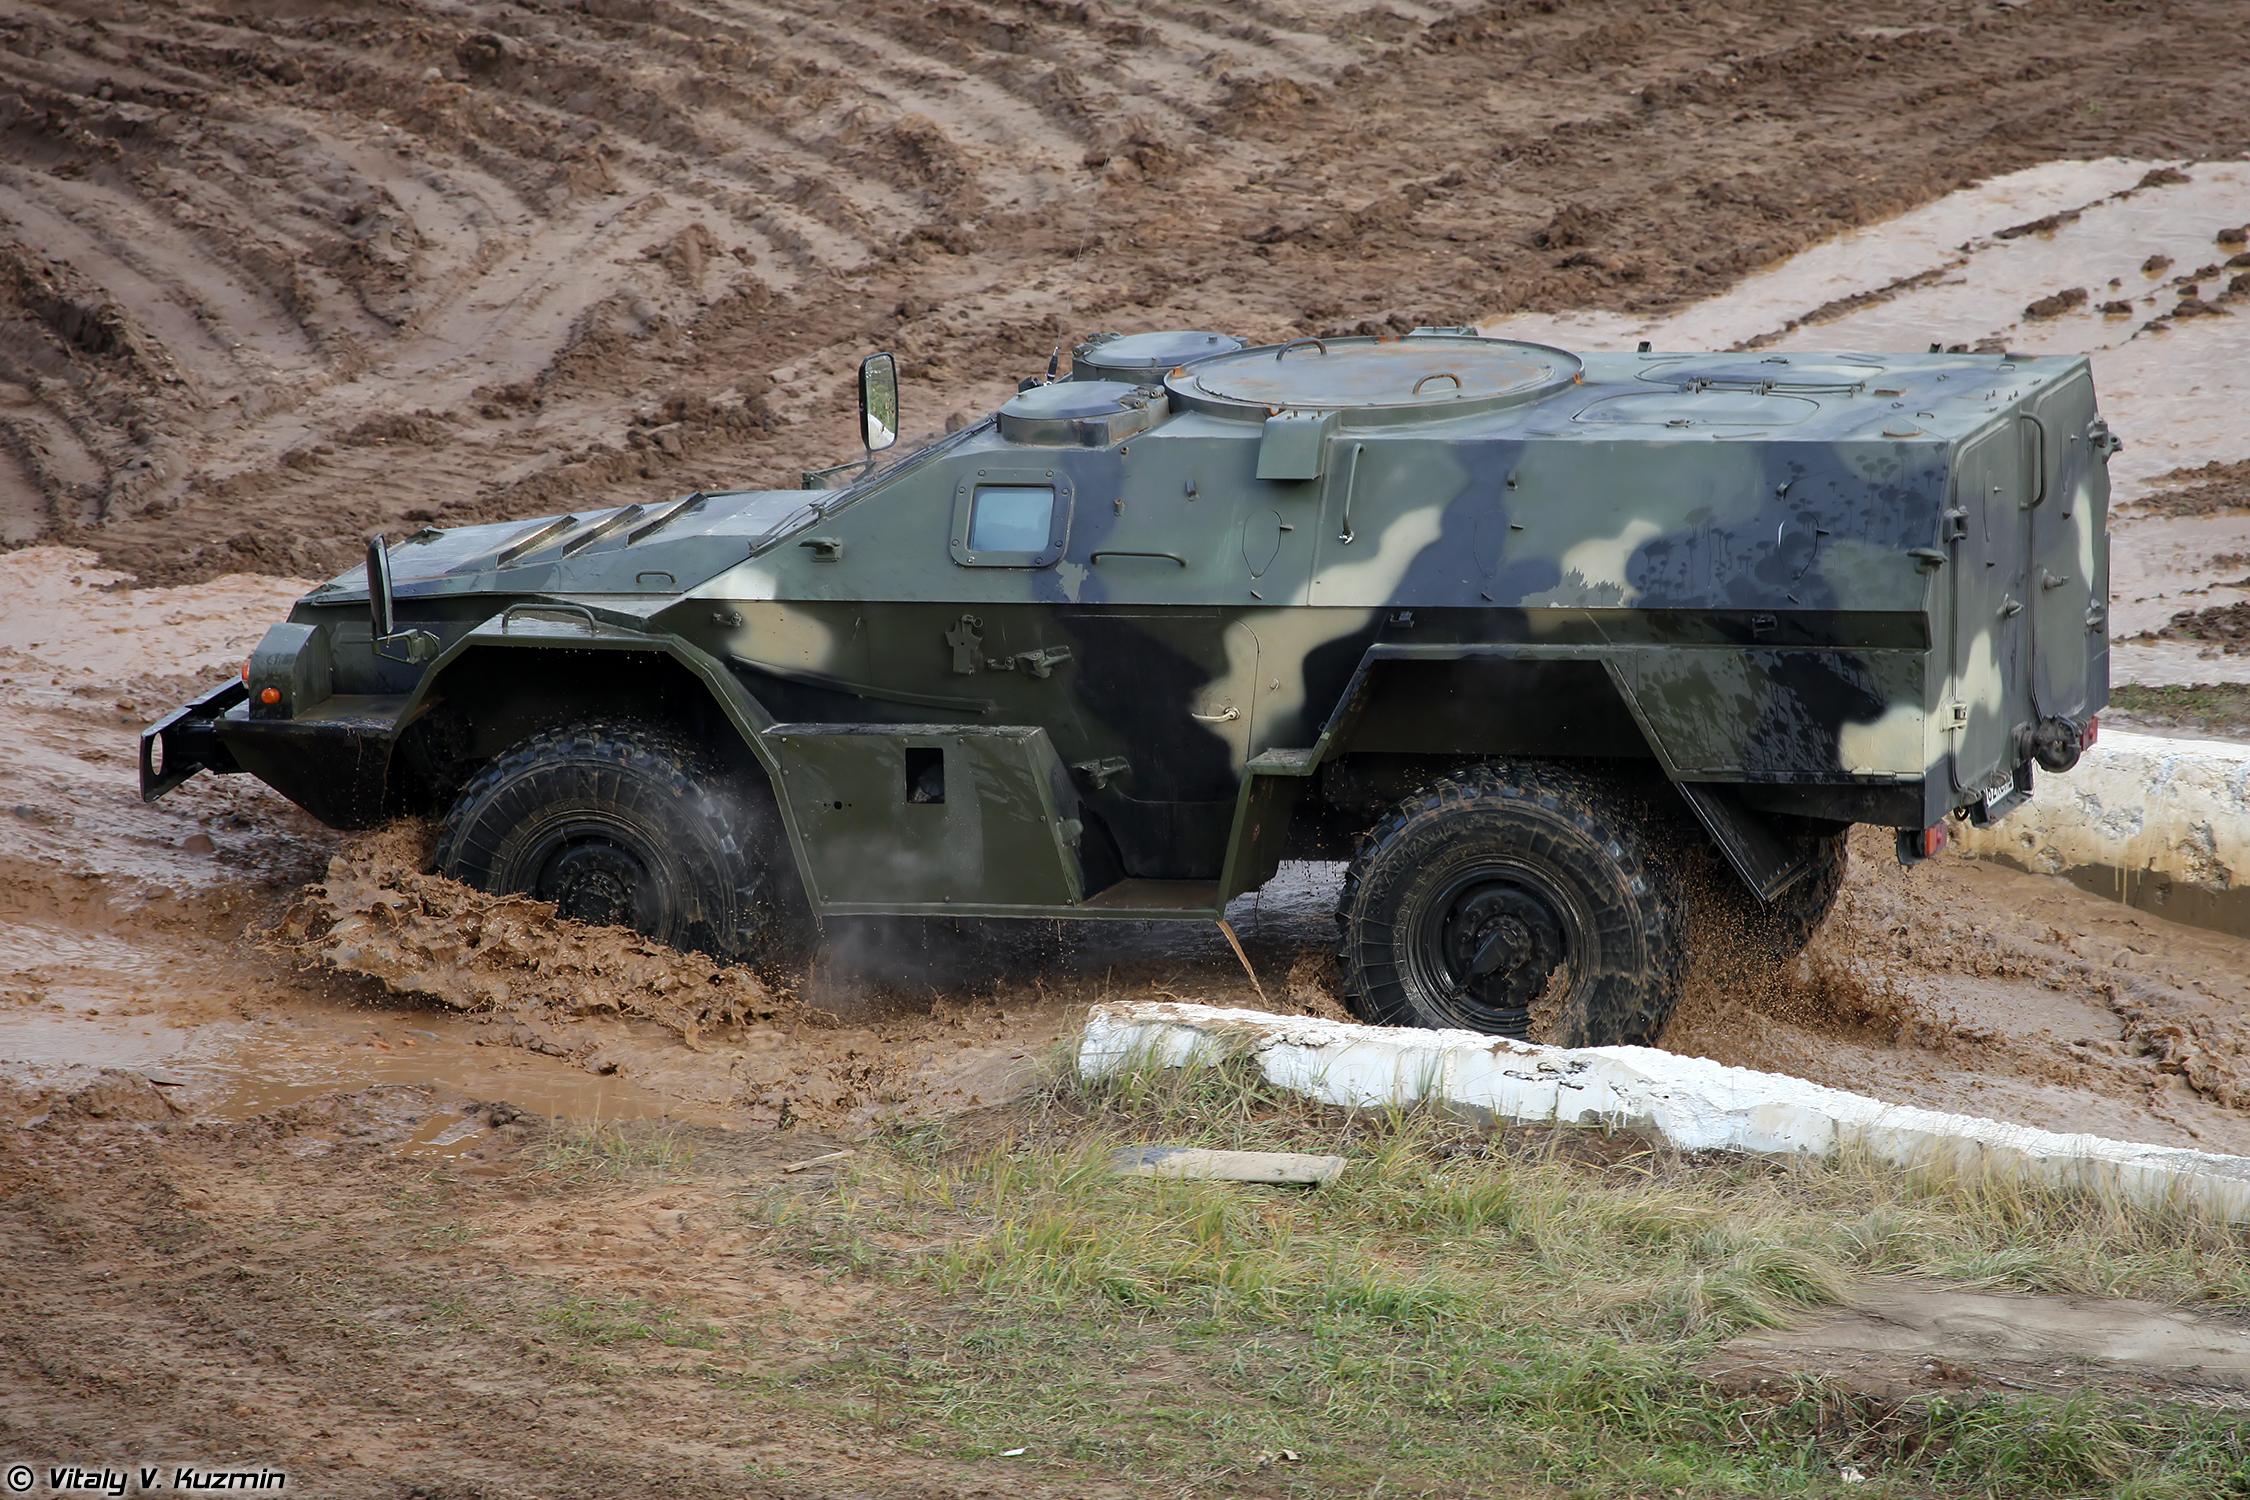 http://77rus.smugmug.com/Military/Interpolitex-2013/i-GTCdVpw/0/O/Interpolitex2013part03-21.jpg